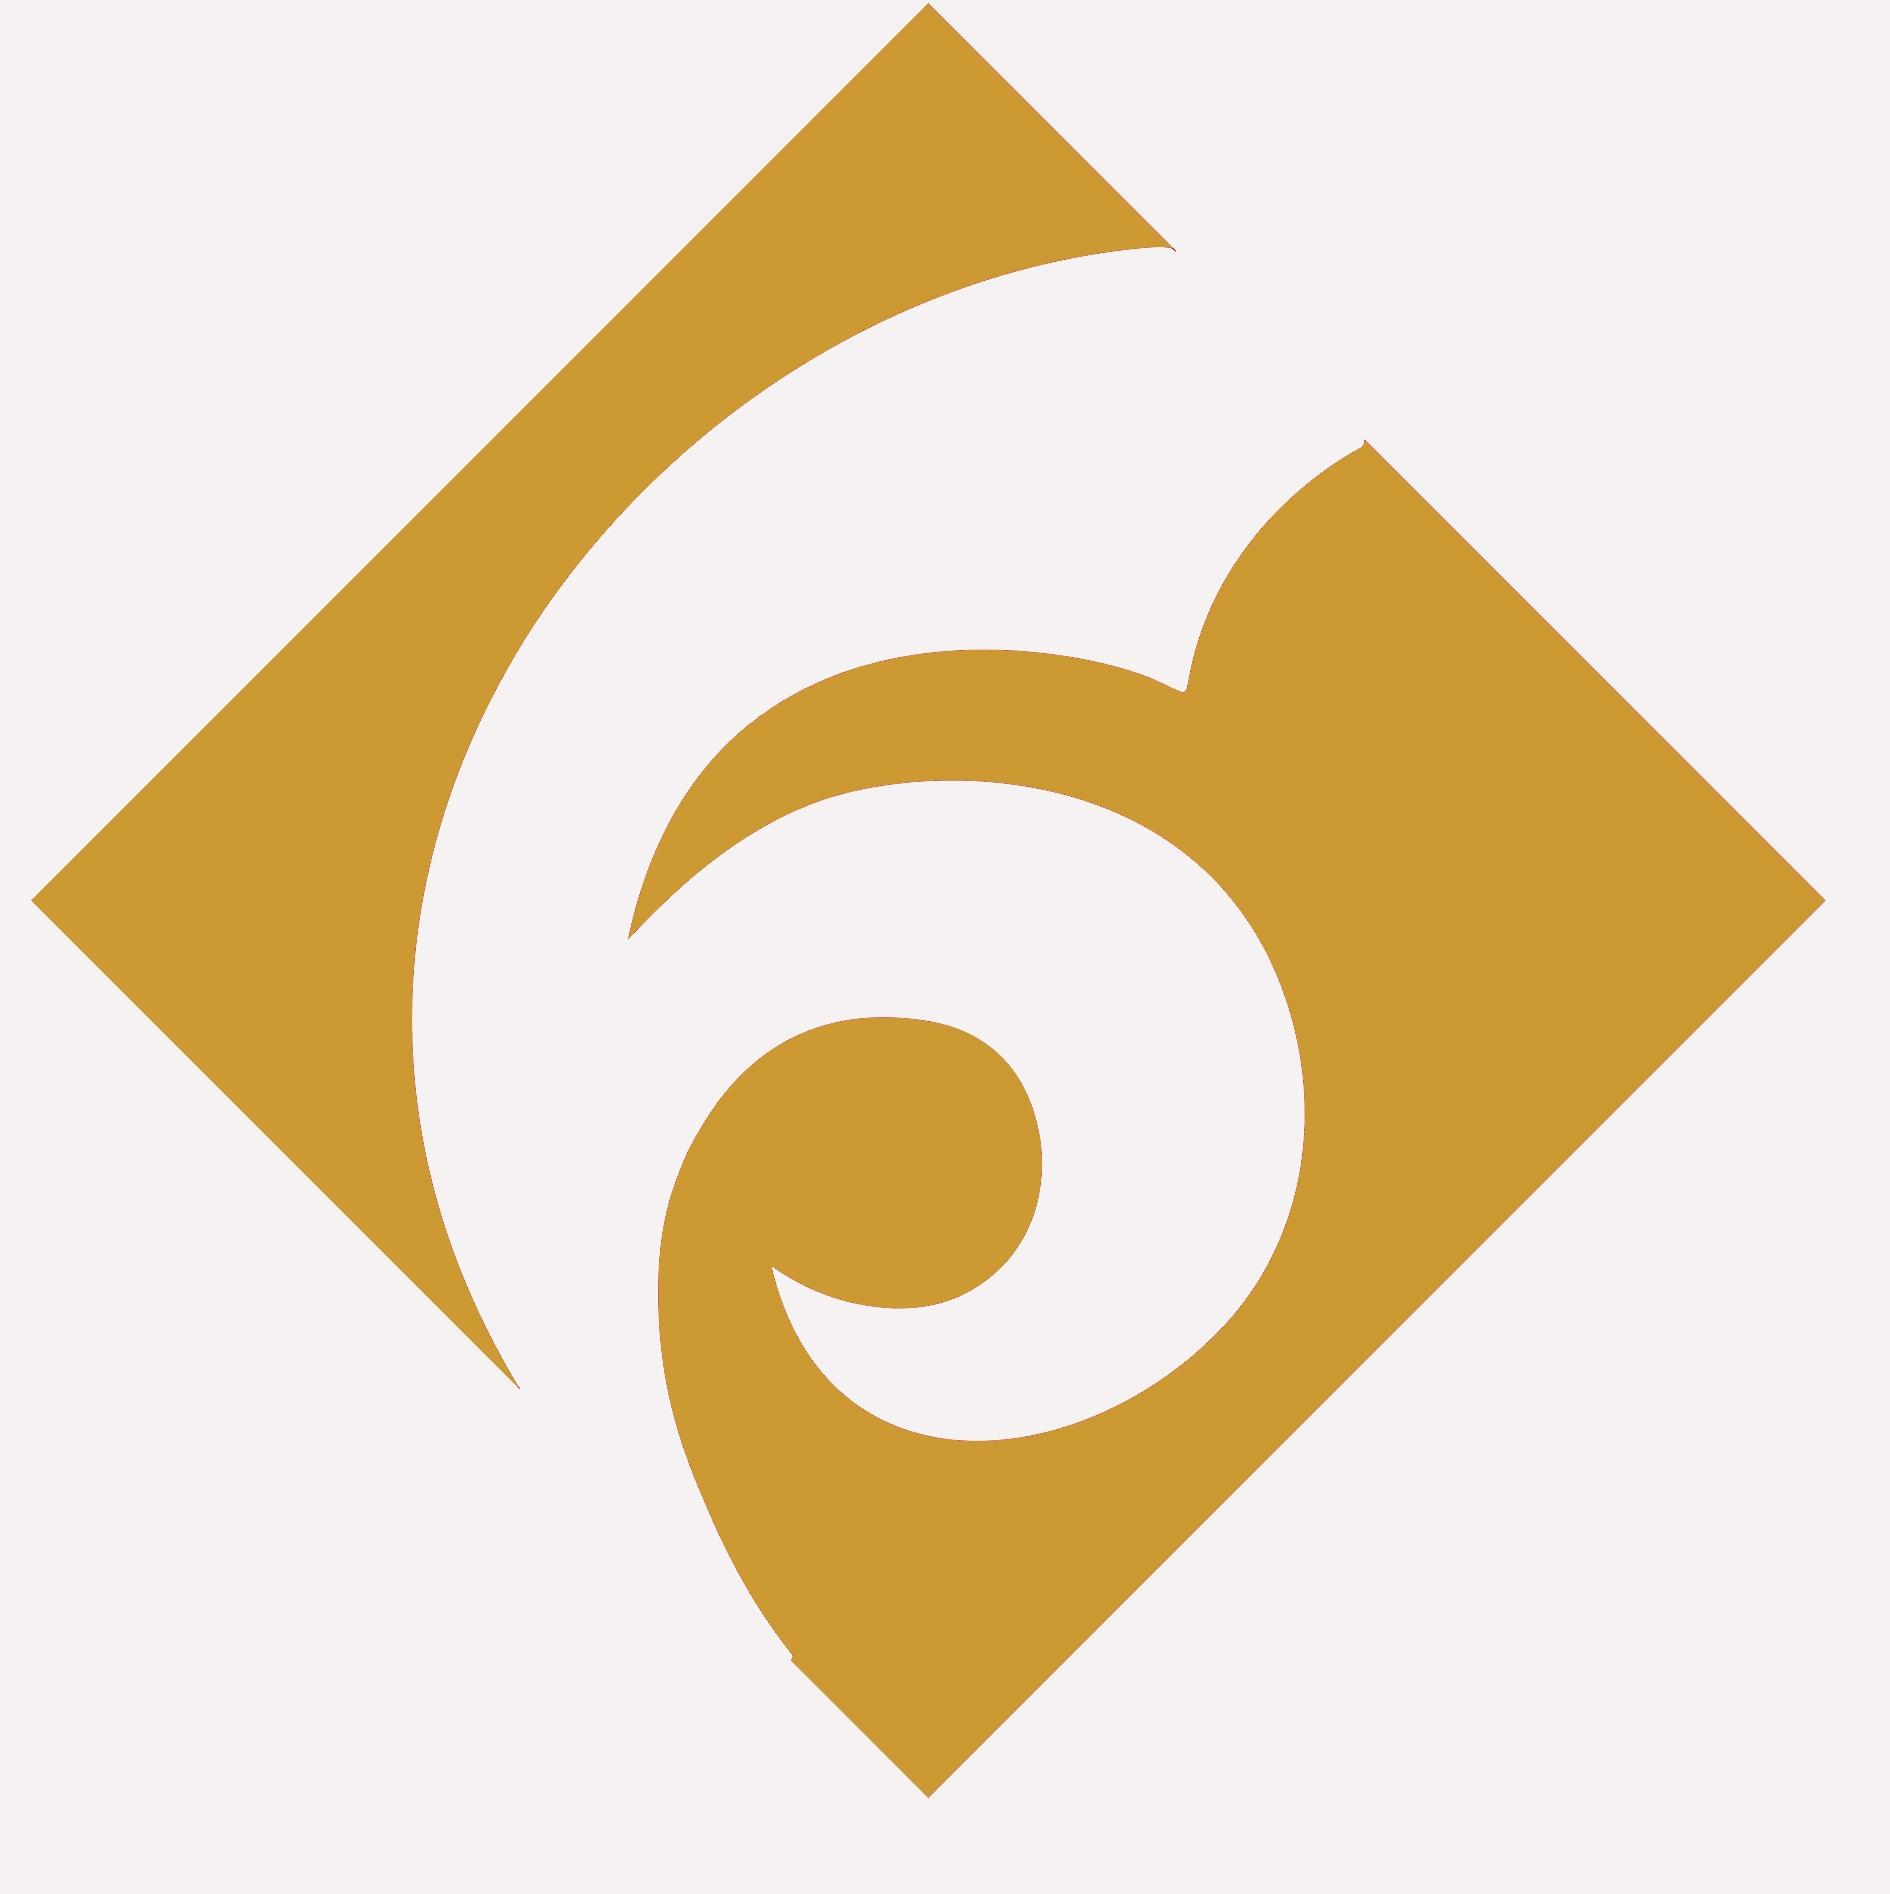 فرش گبه قرمز 2.5 * 2.5 نقشه 045